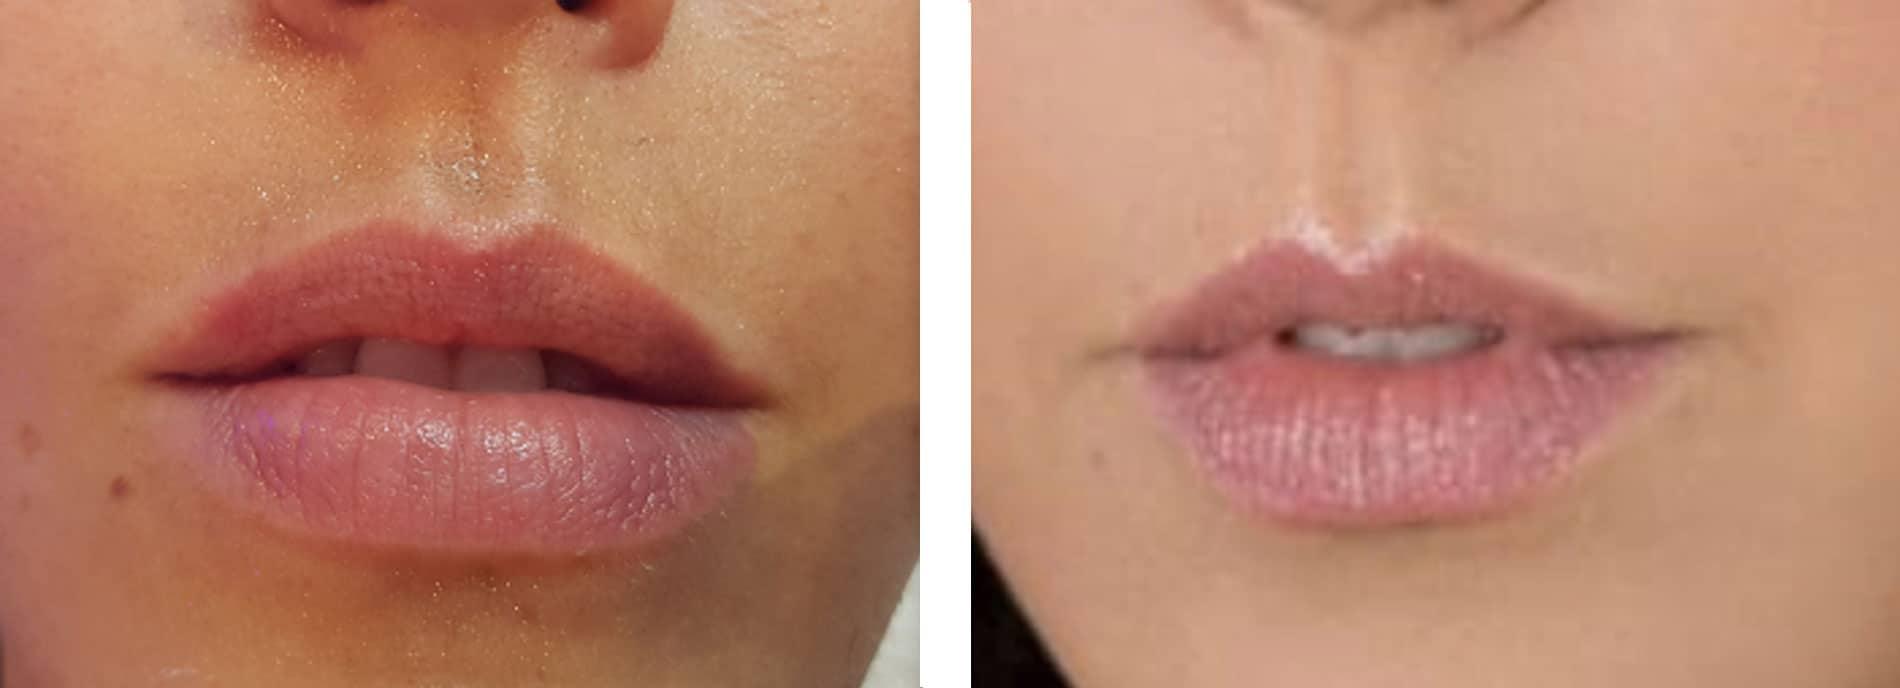 ידית חדשה לעיבוי והתפחת שפתיים MED OP ידית הסאקשן צילום שרון שרון